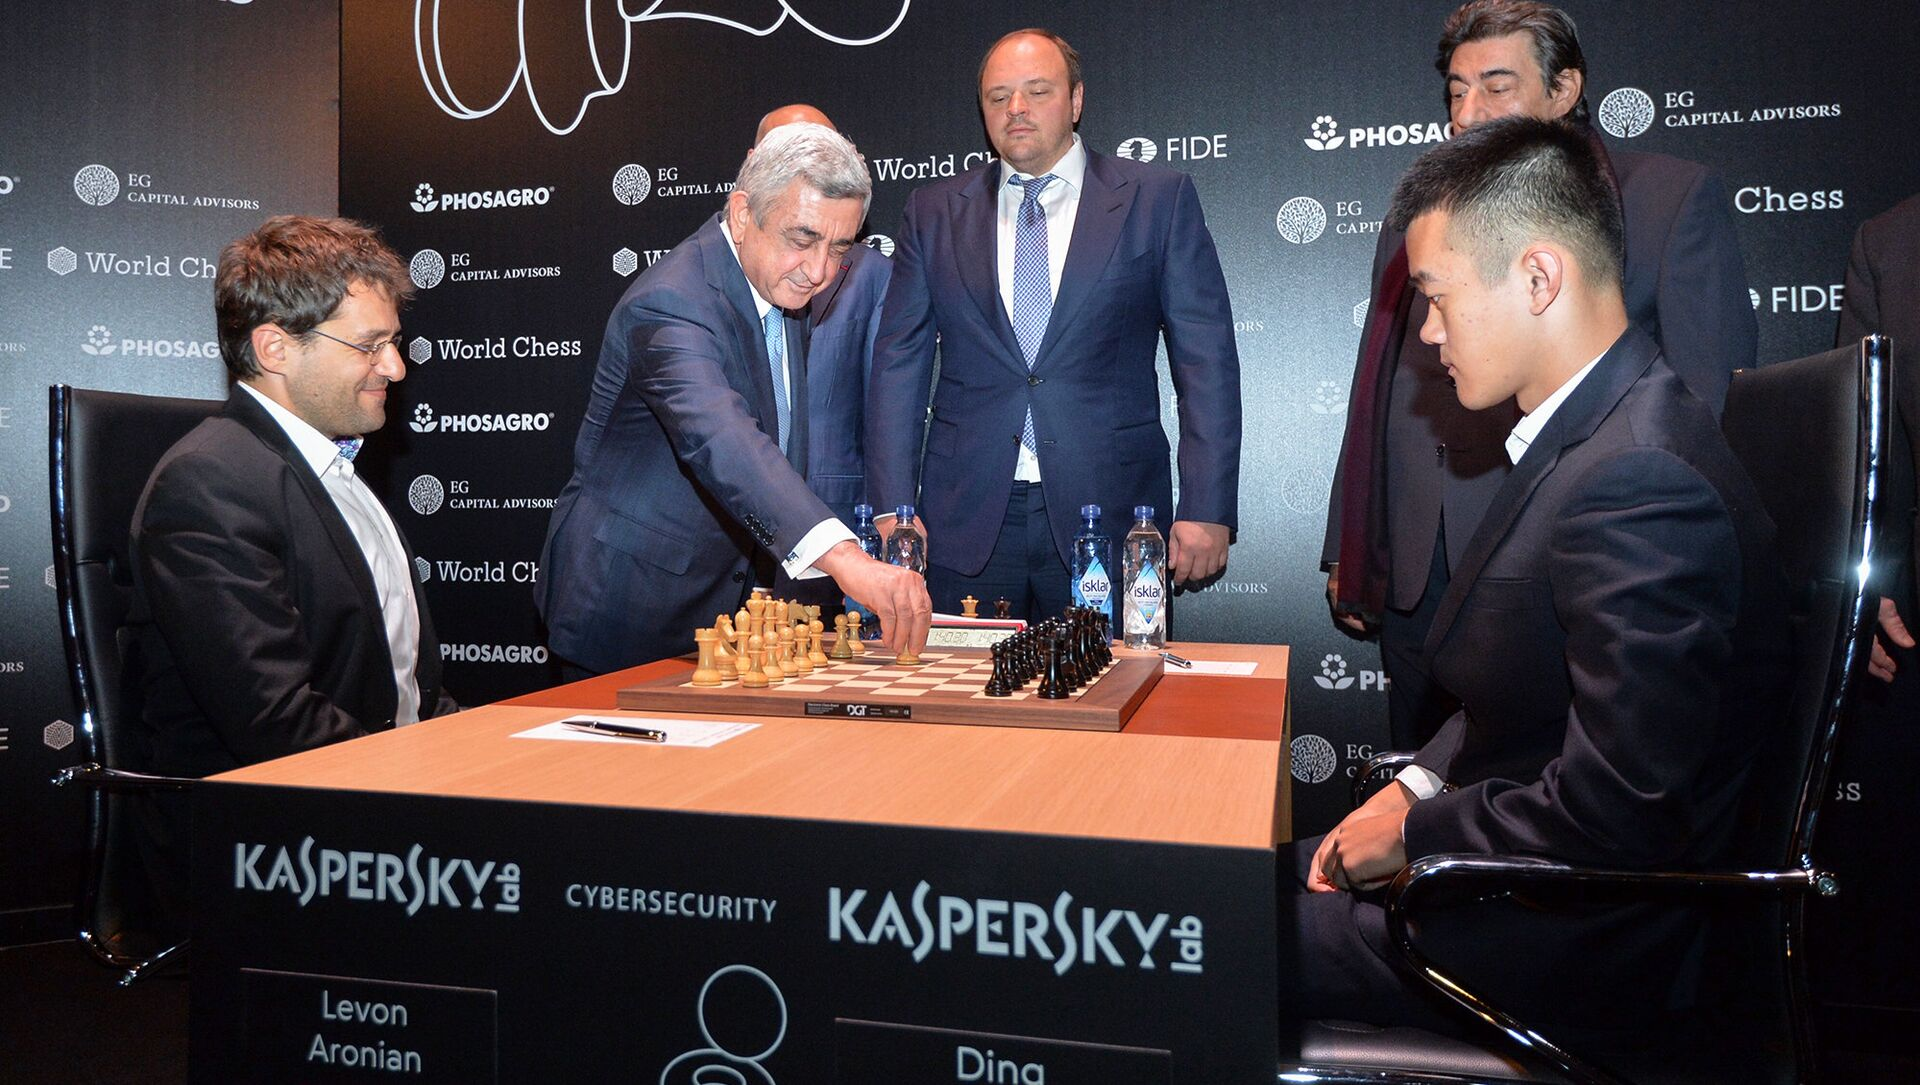 Президент Серж Саргсян на турнире претендентов на звание чемпиона мира по шахматам (10 марта 2018). Берлин, Германия - Sputnik Արմենիա, 1920, 03.03.2021